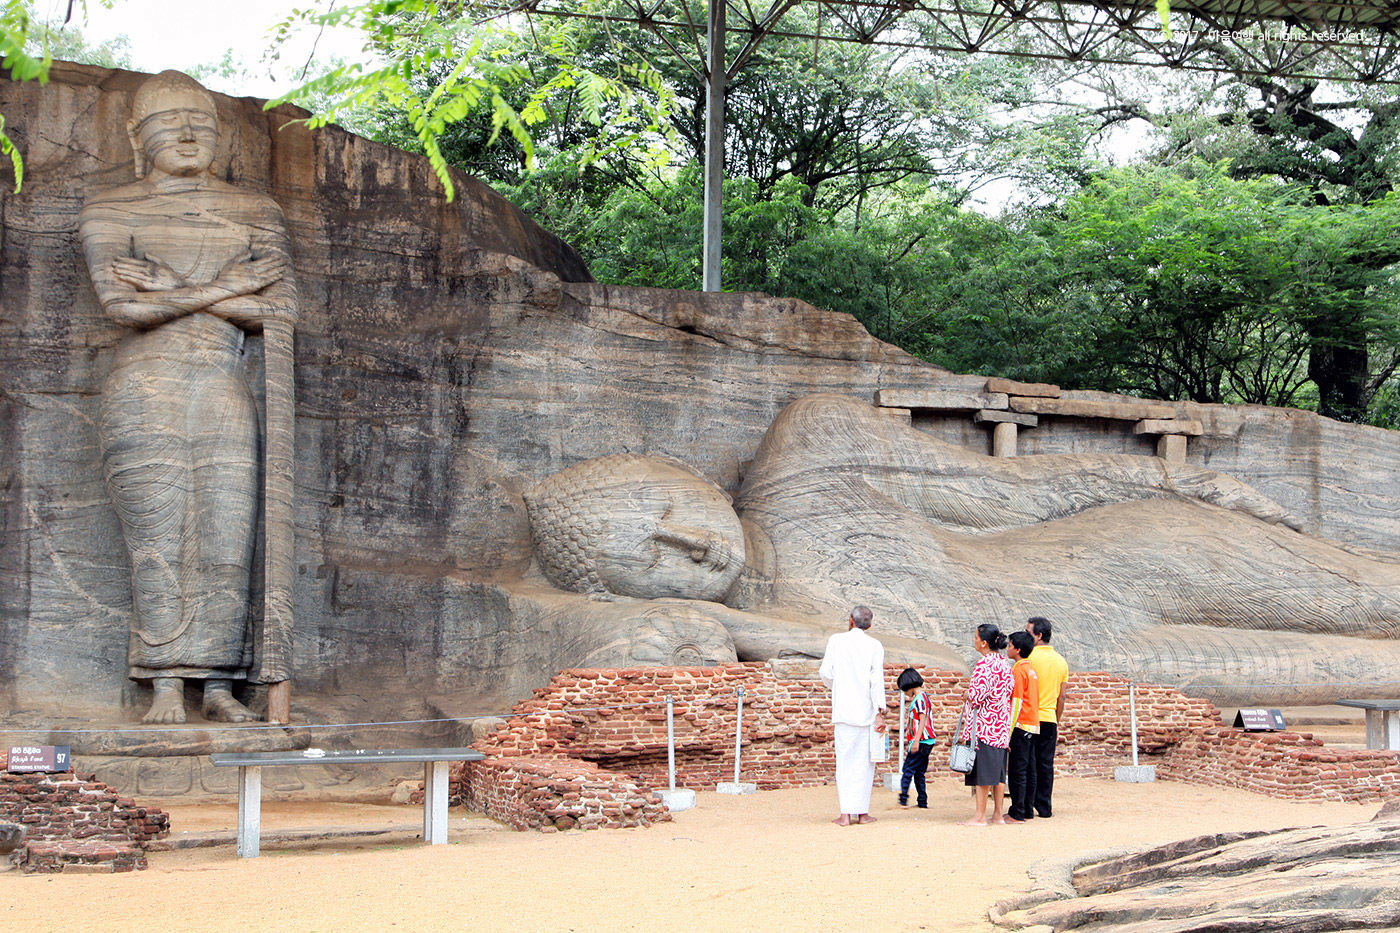 자연 바위석에 불상을 조성한 - 칼비하라 사원